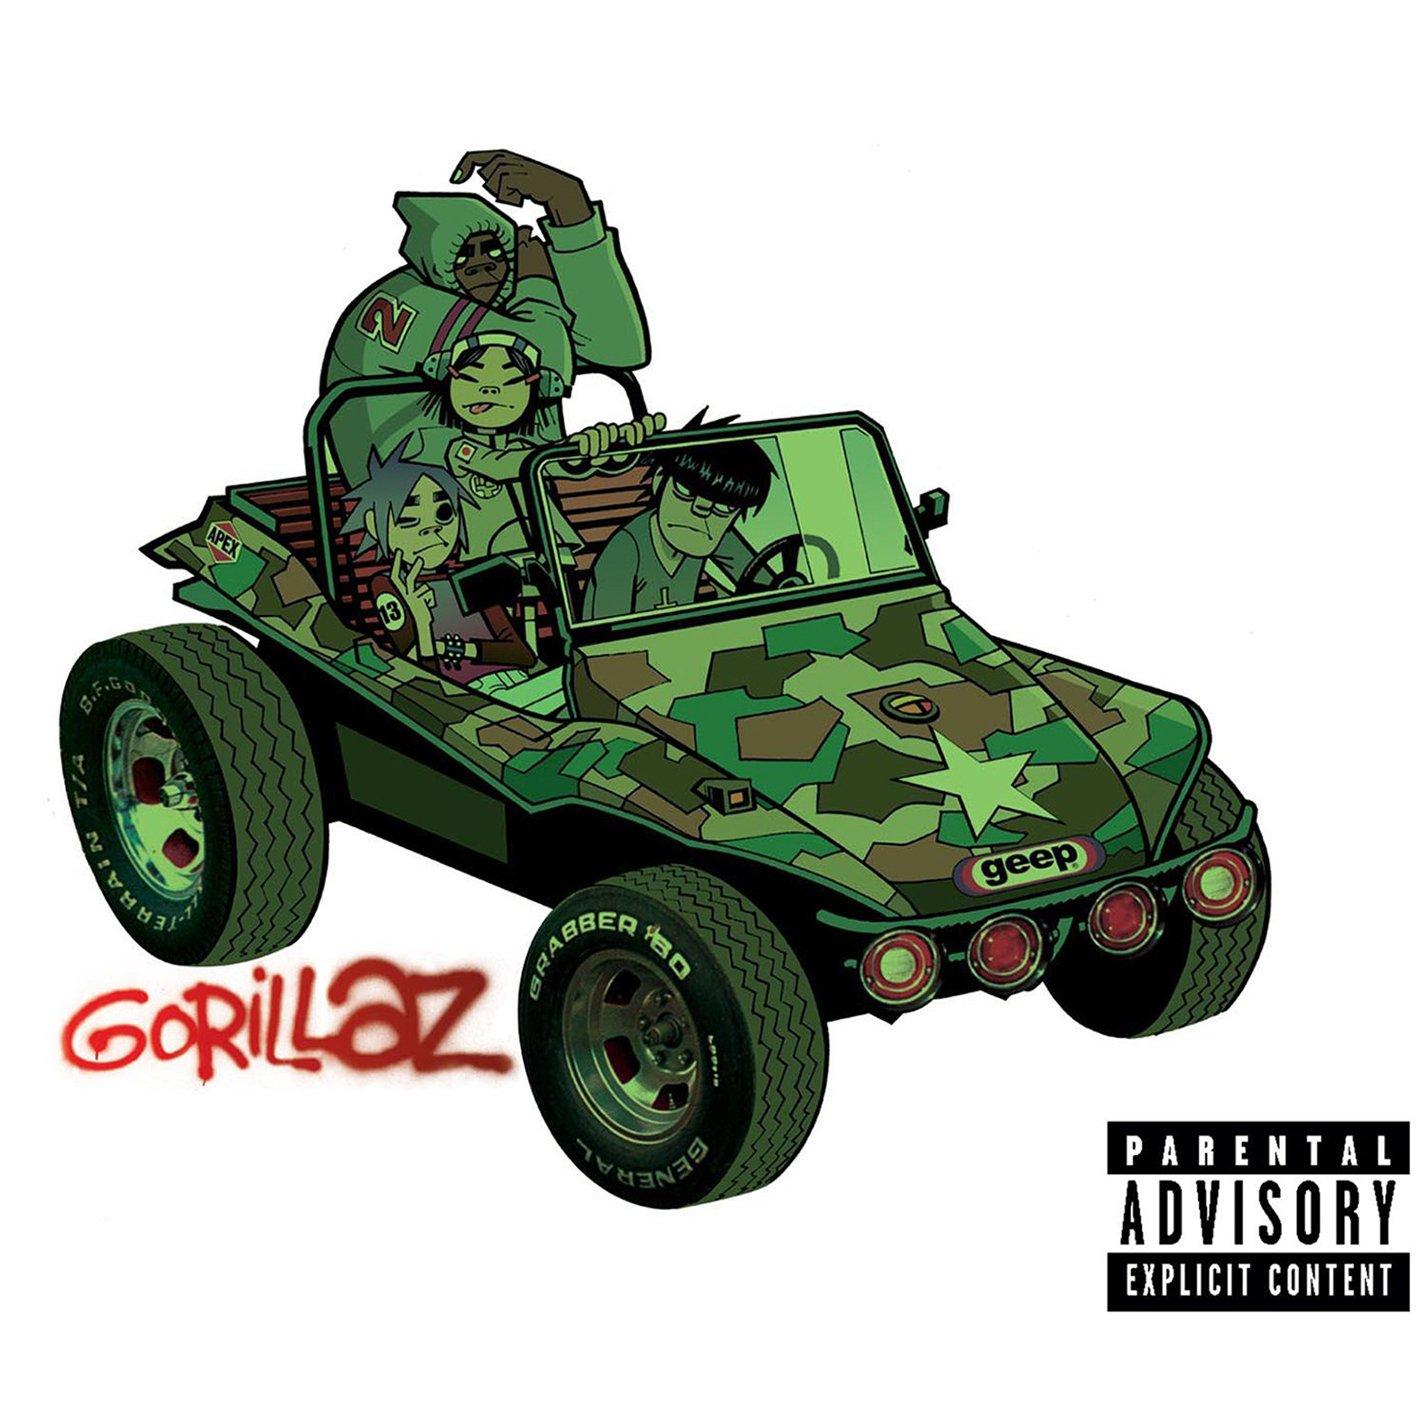 Gorillaz, Gorillaz